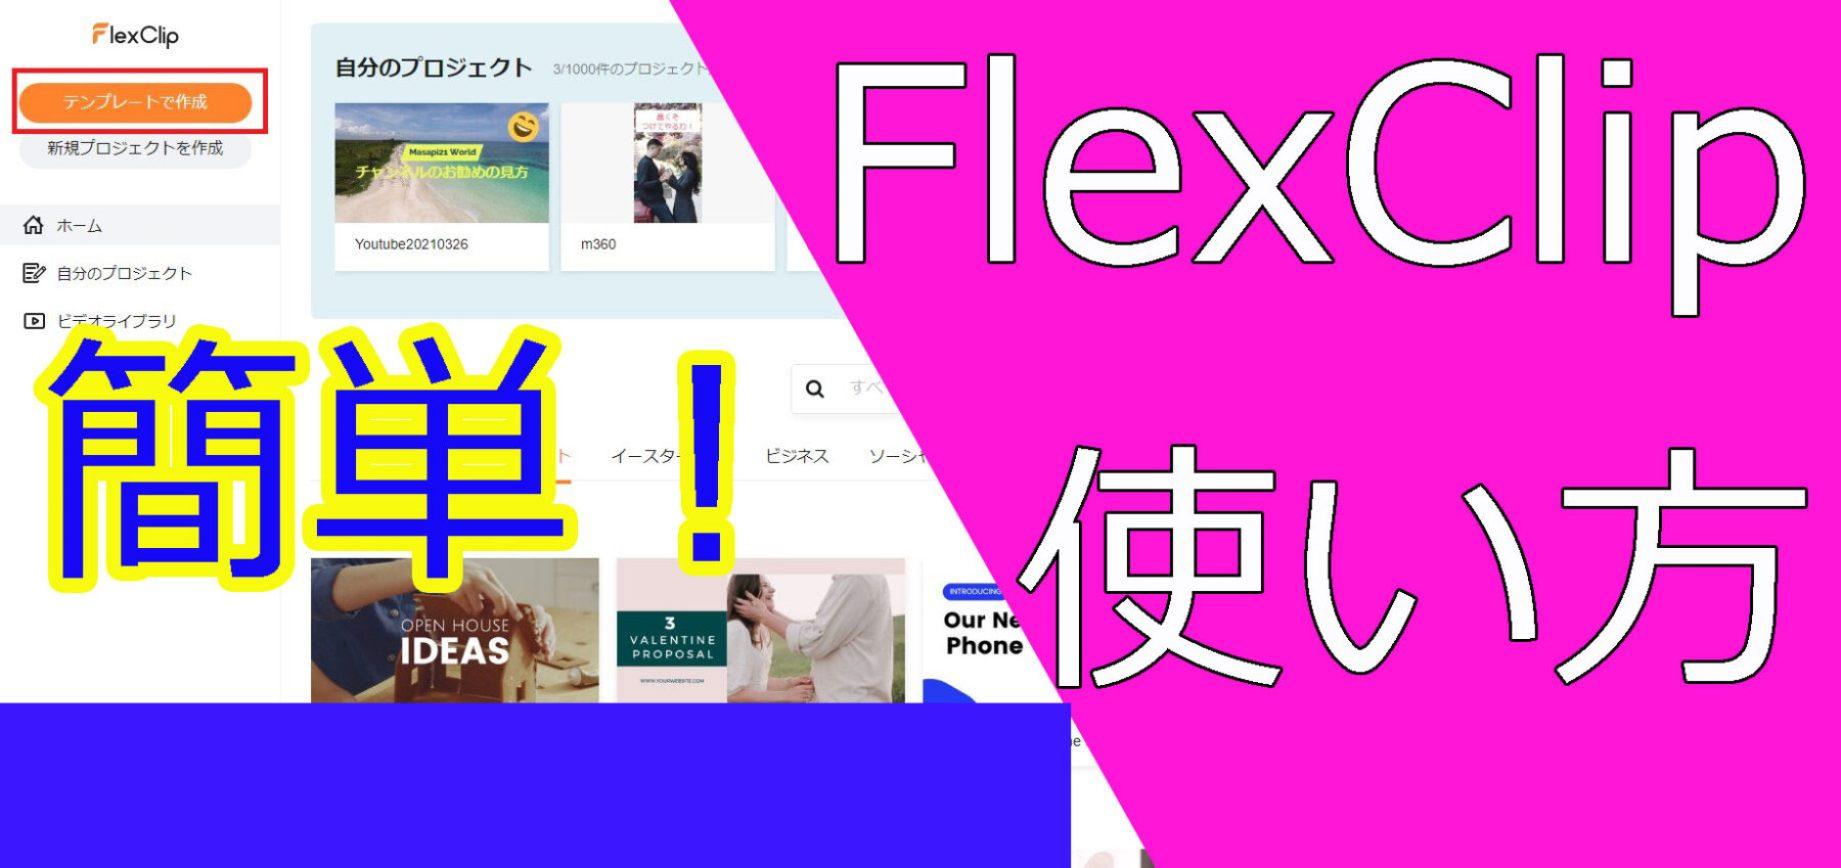 FlexClip 使い方